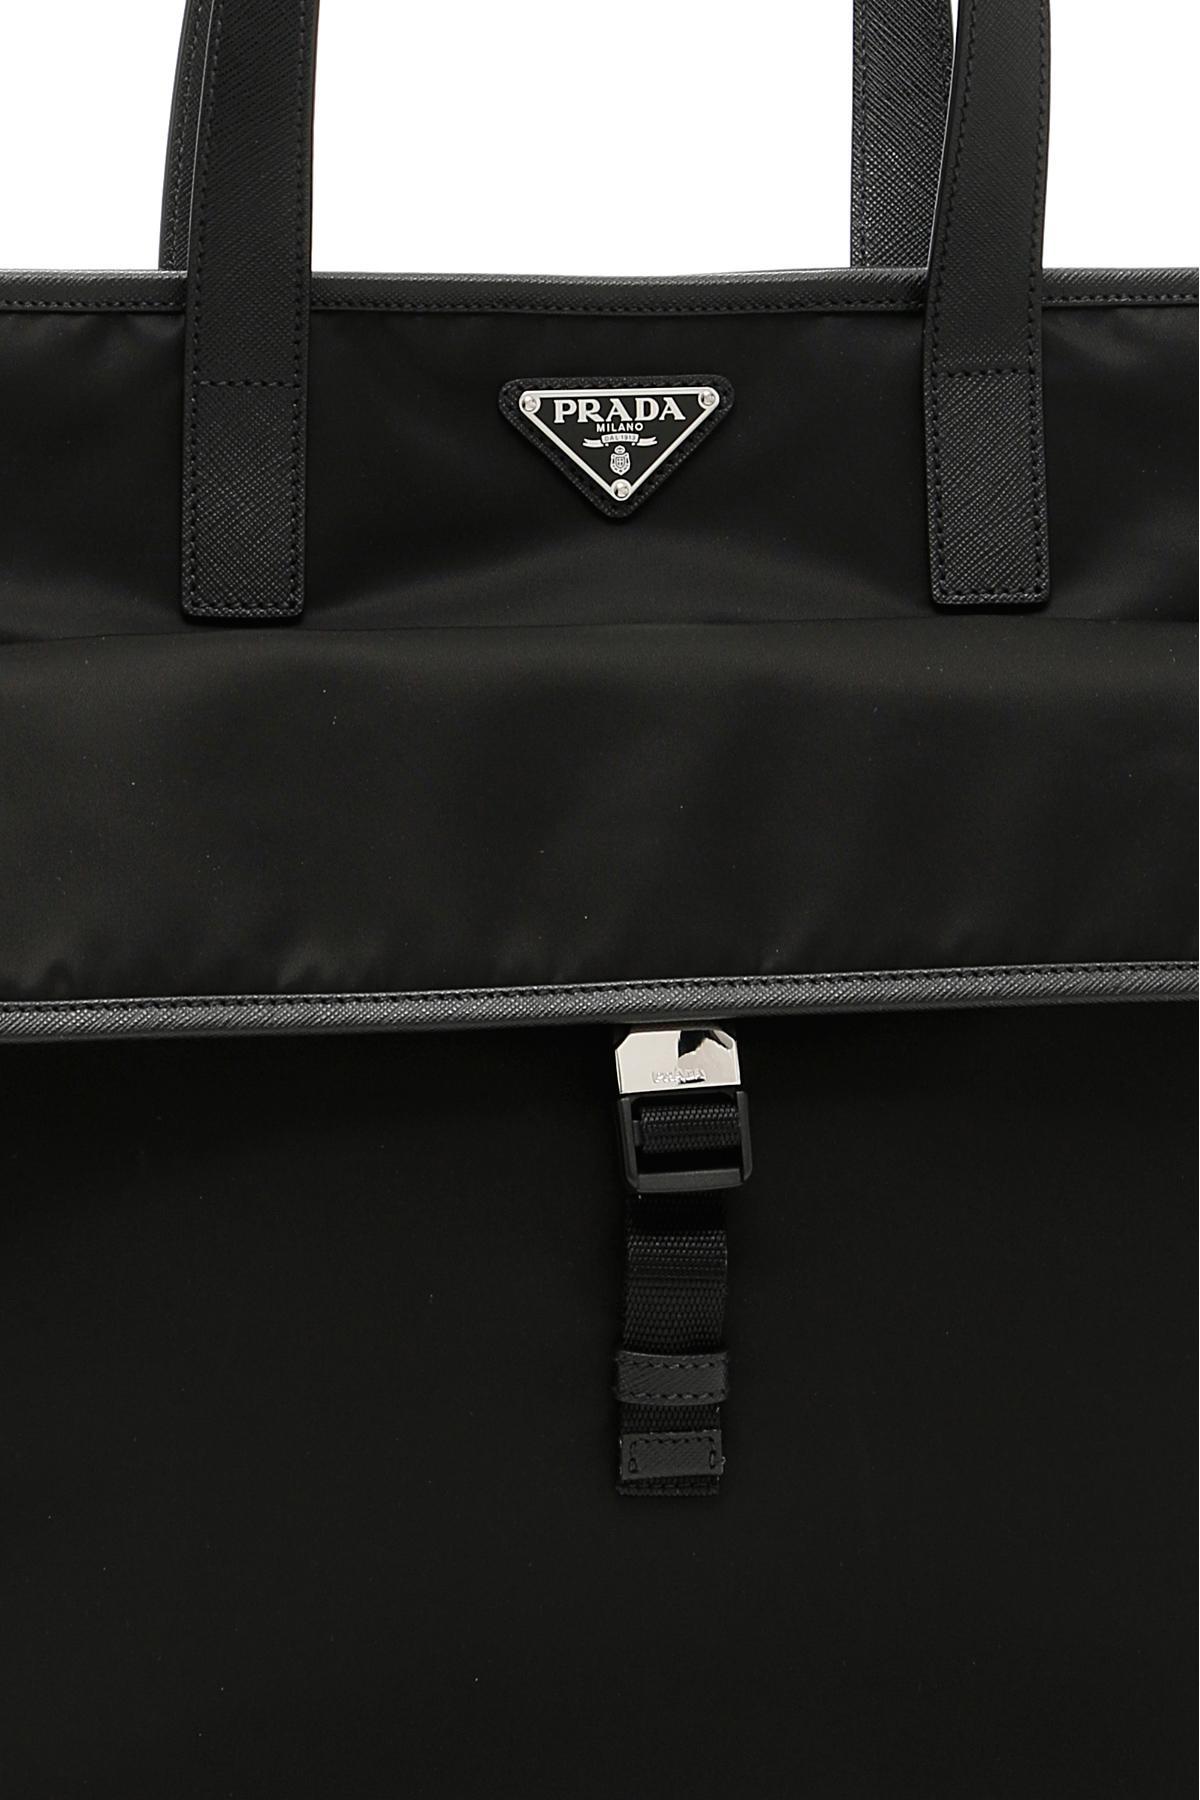 e3ce365b6423 Lyst - Prada Nylon And Saffiano Tote Bag in Black for Men